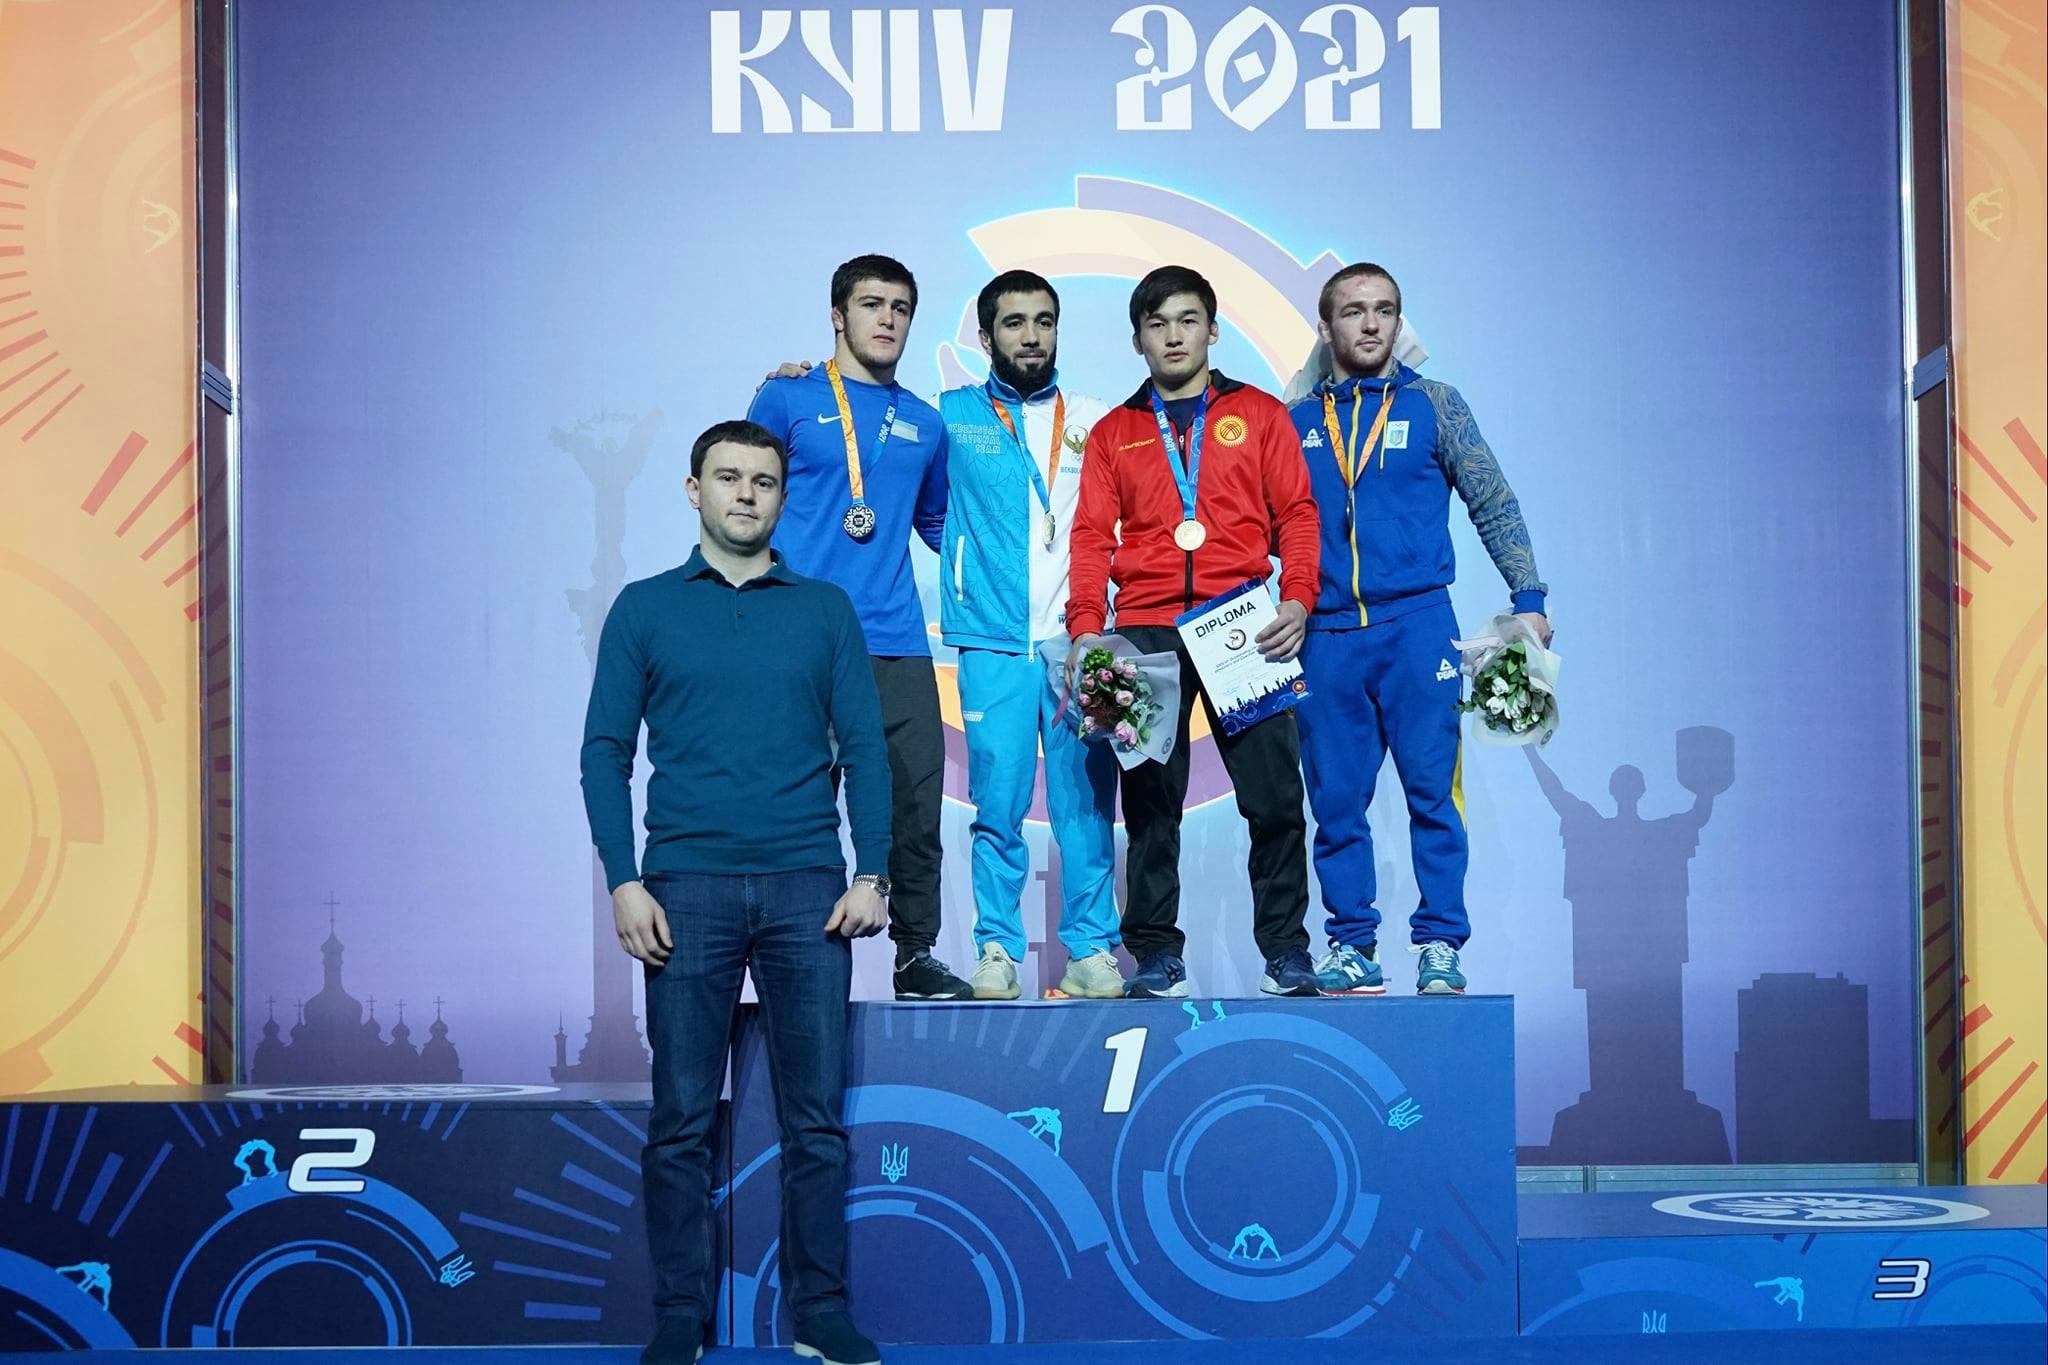 24-й Київський міжнародний турнір з трьох стилів боротьби, присвячений видатним українським борцям та тренерам